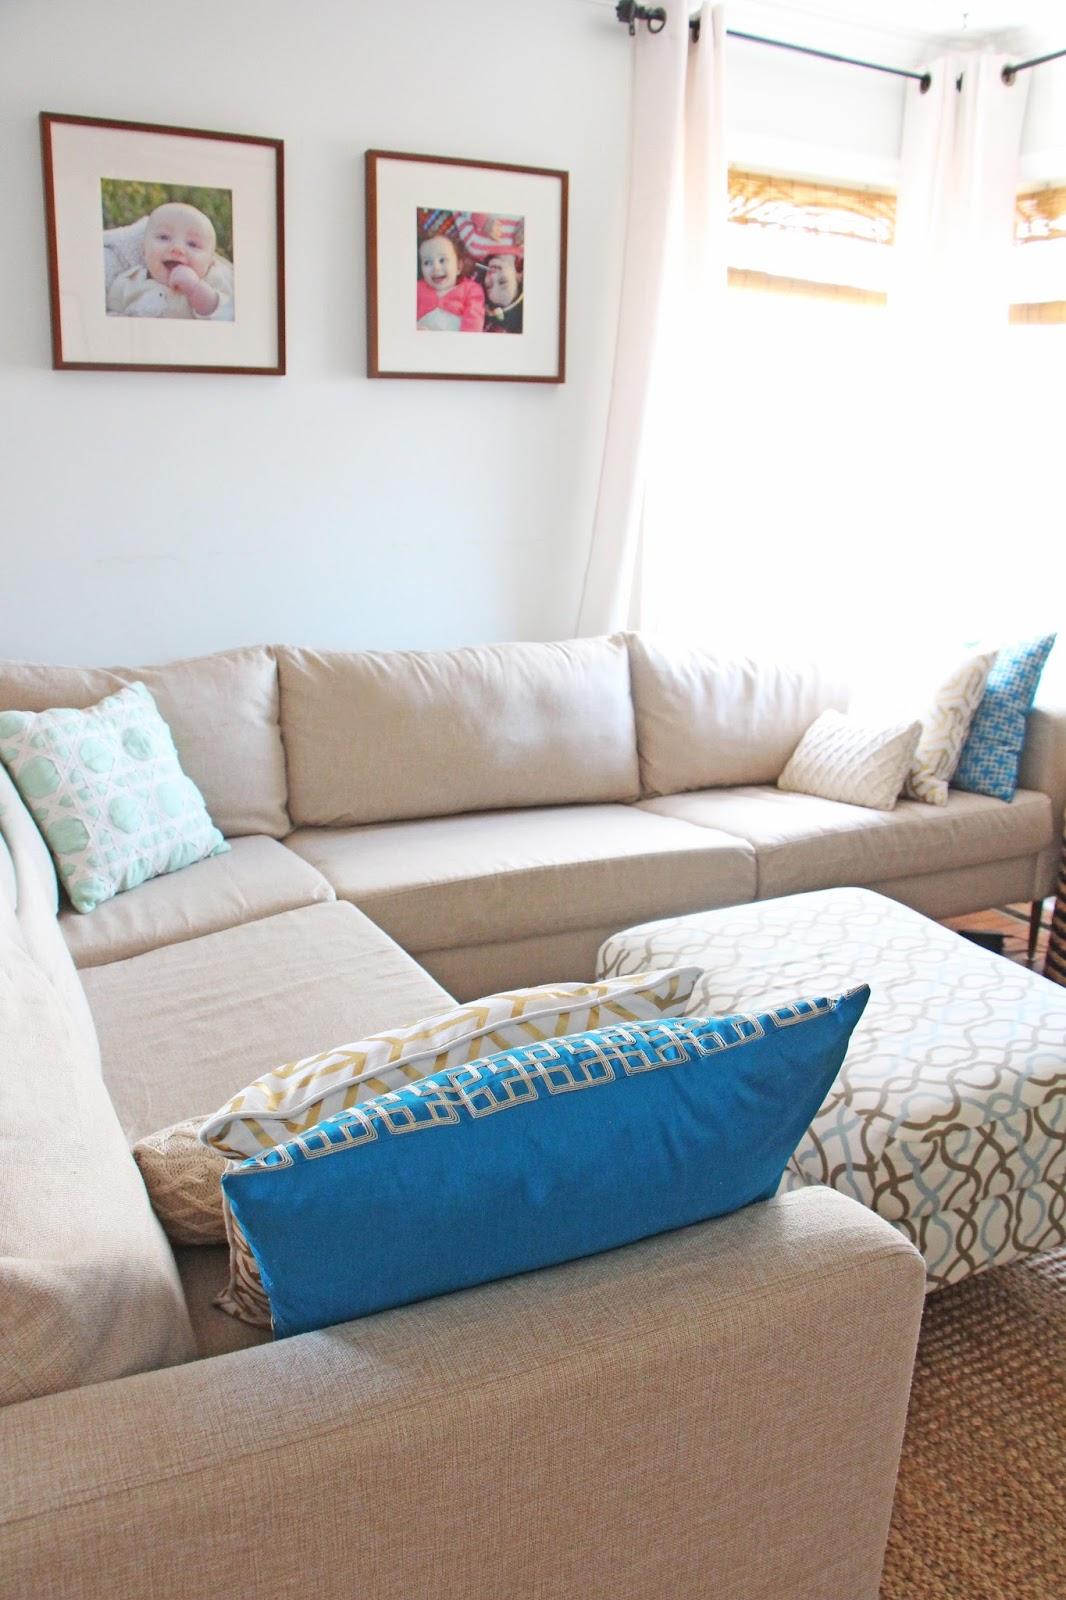 Ekeskog Sofa Slipcover Bed Blue Velvet Grosgrain Finally Affordable Ikea Slipcovers